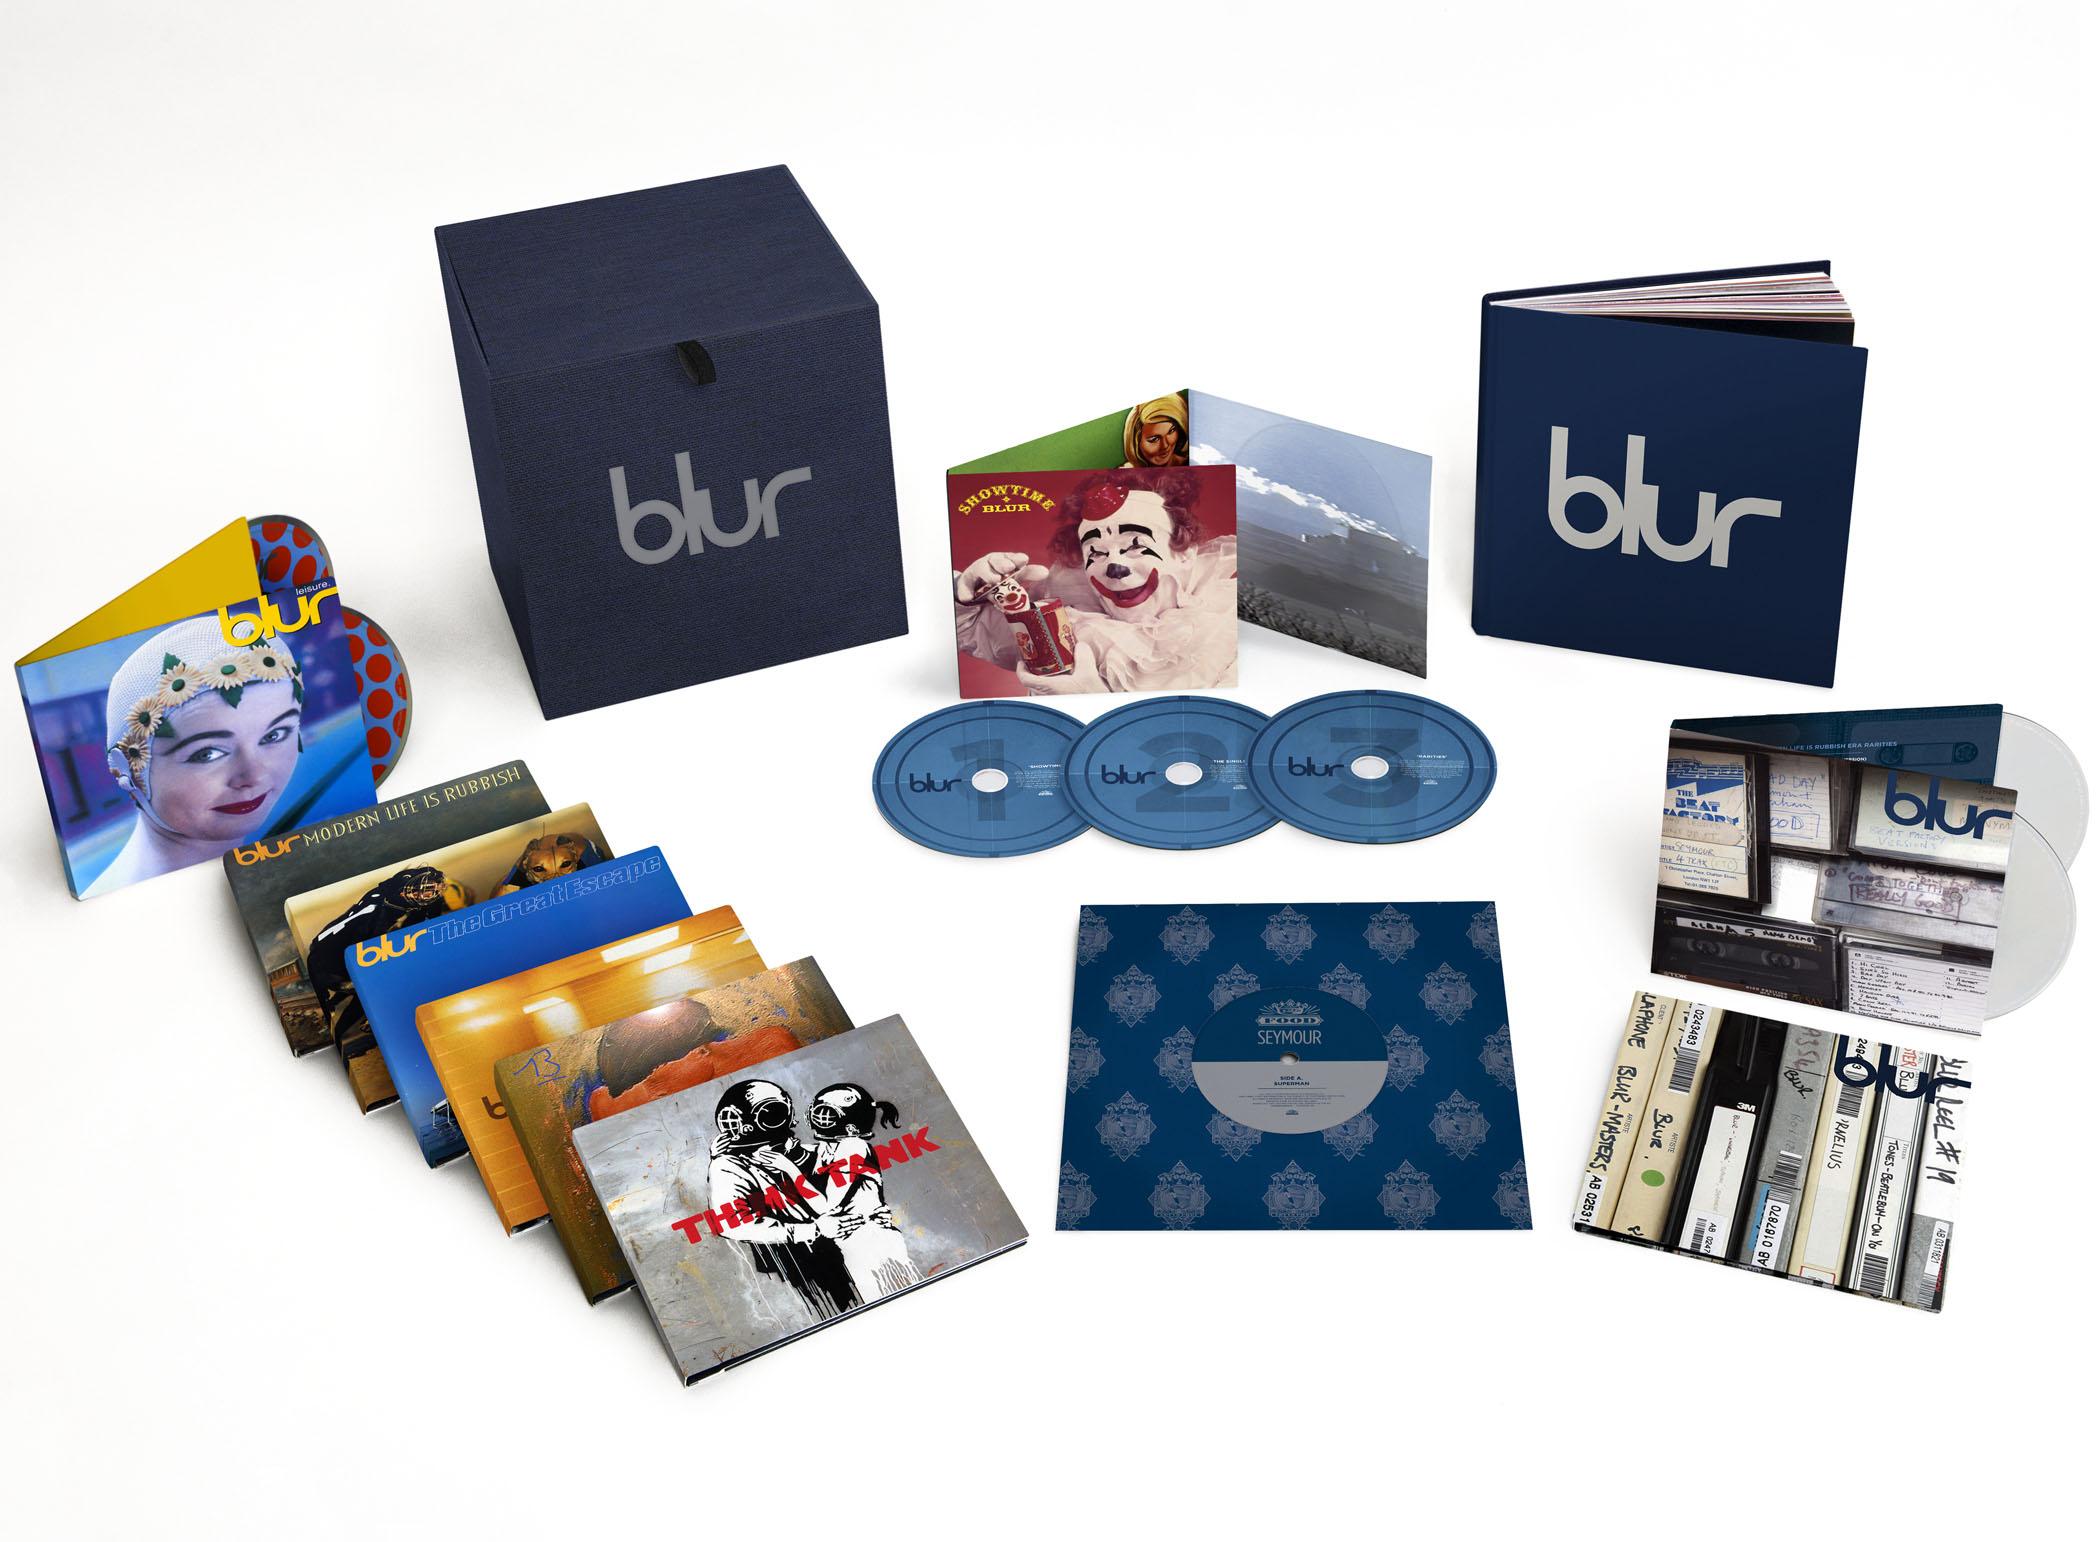 Blur - Blur 21